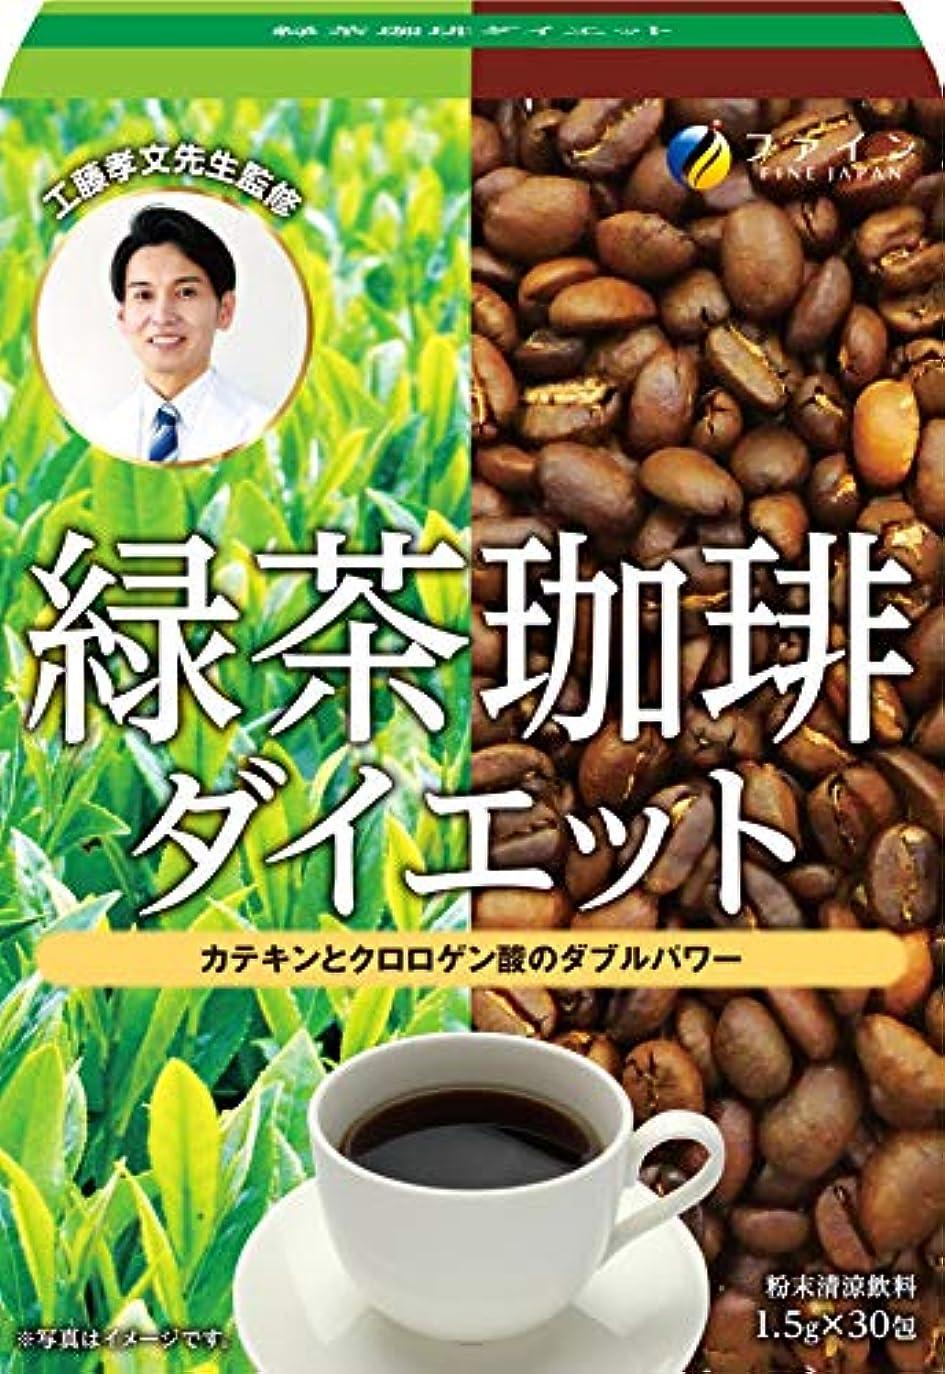 販売員工夫する顕著ファイン 緑茶コーヒーダイエット 30包入 クロロゲン酸 カテキン 含有